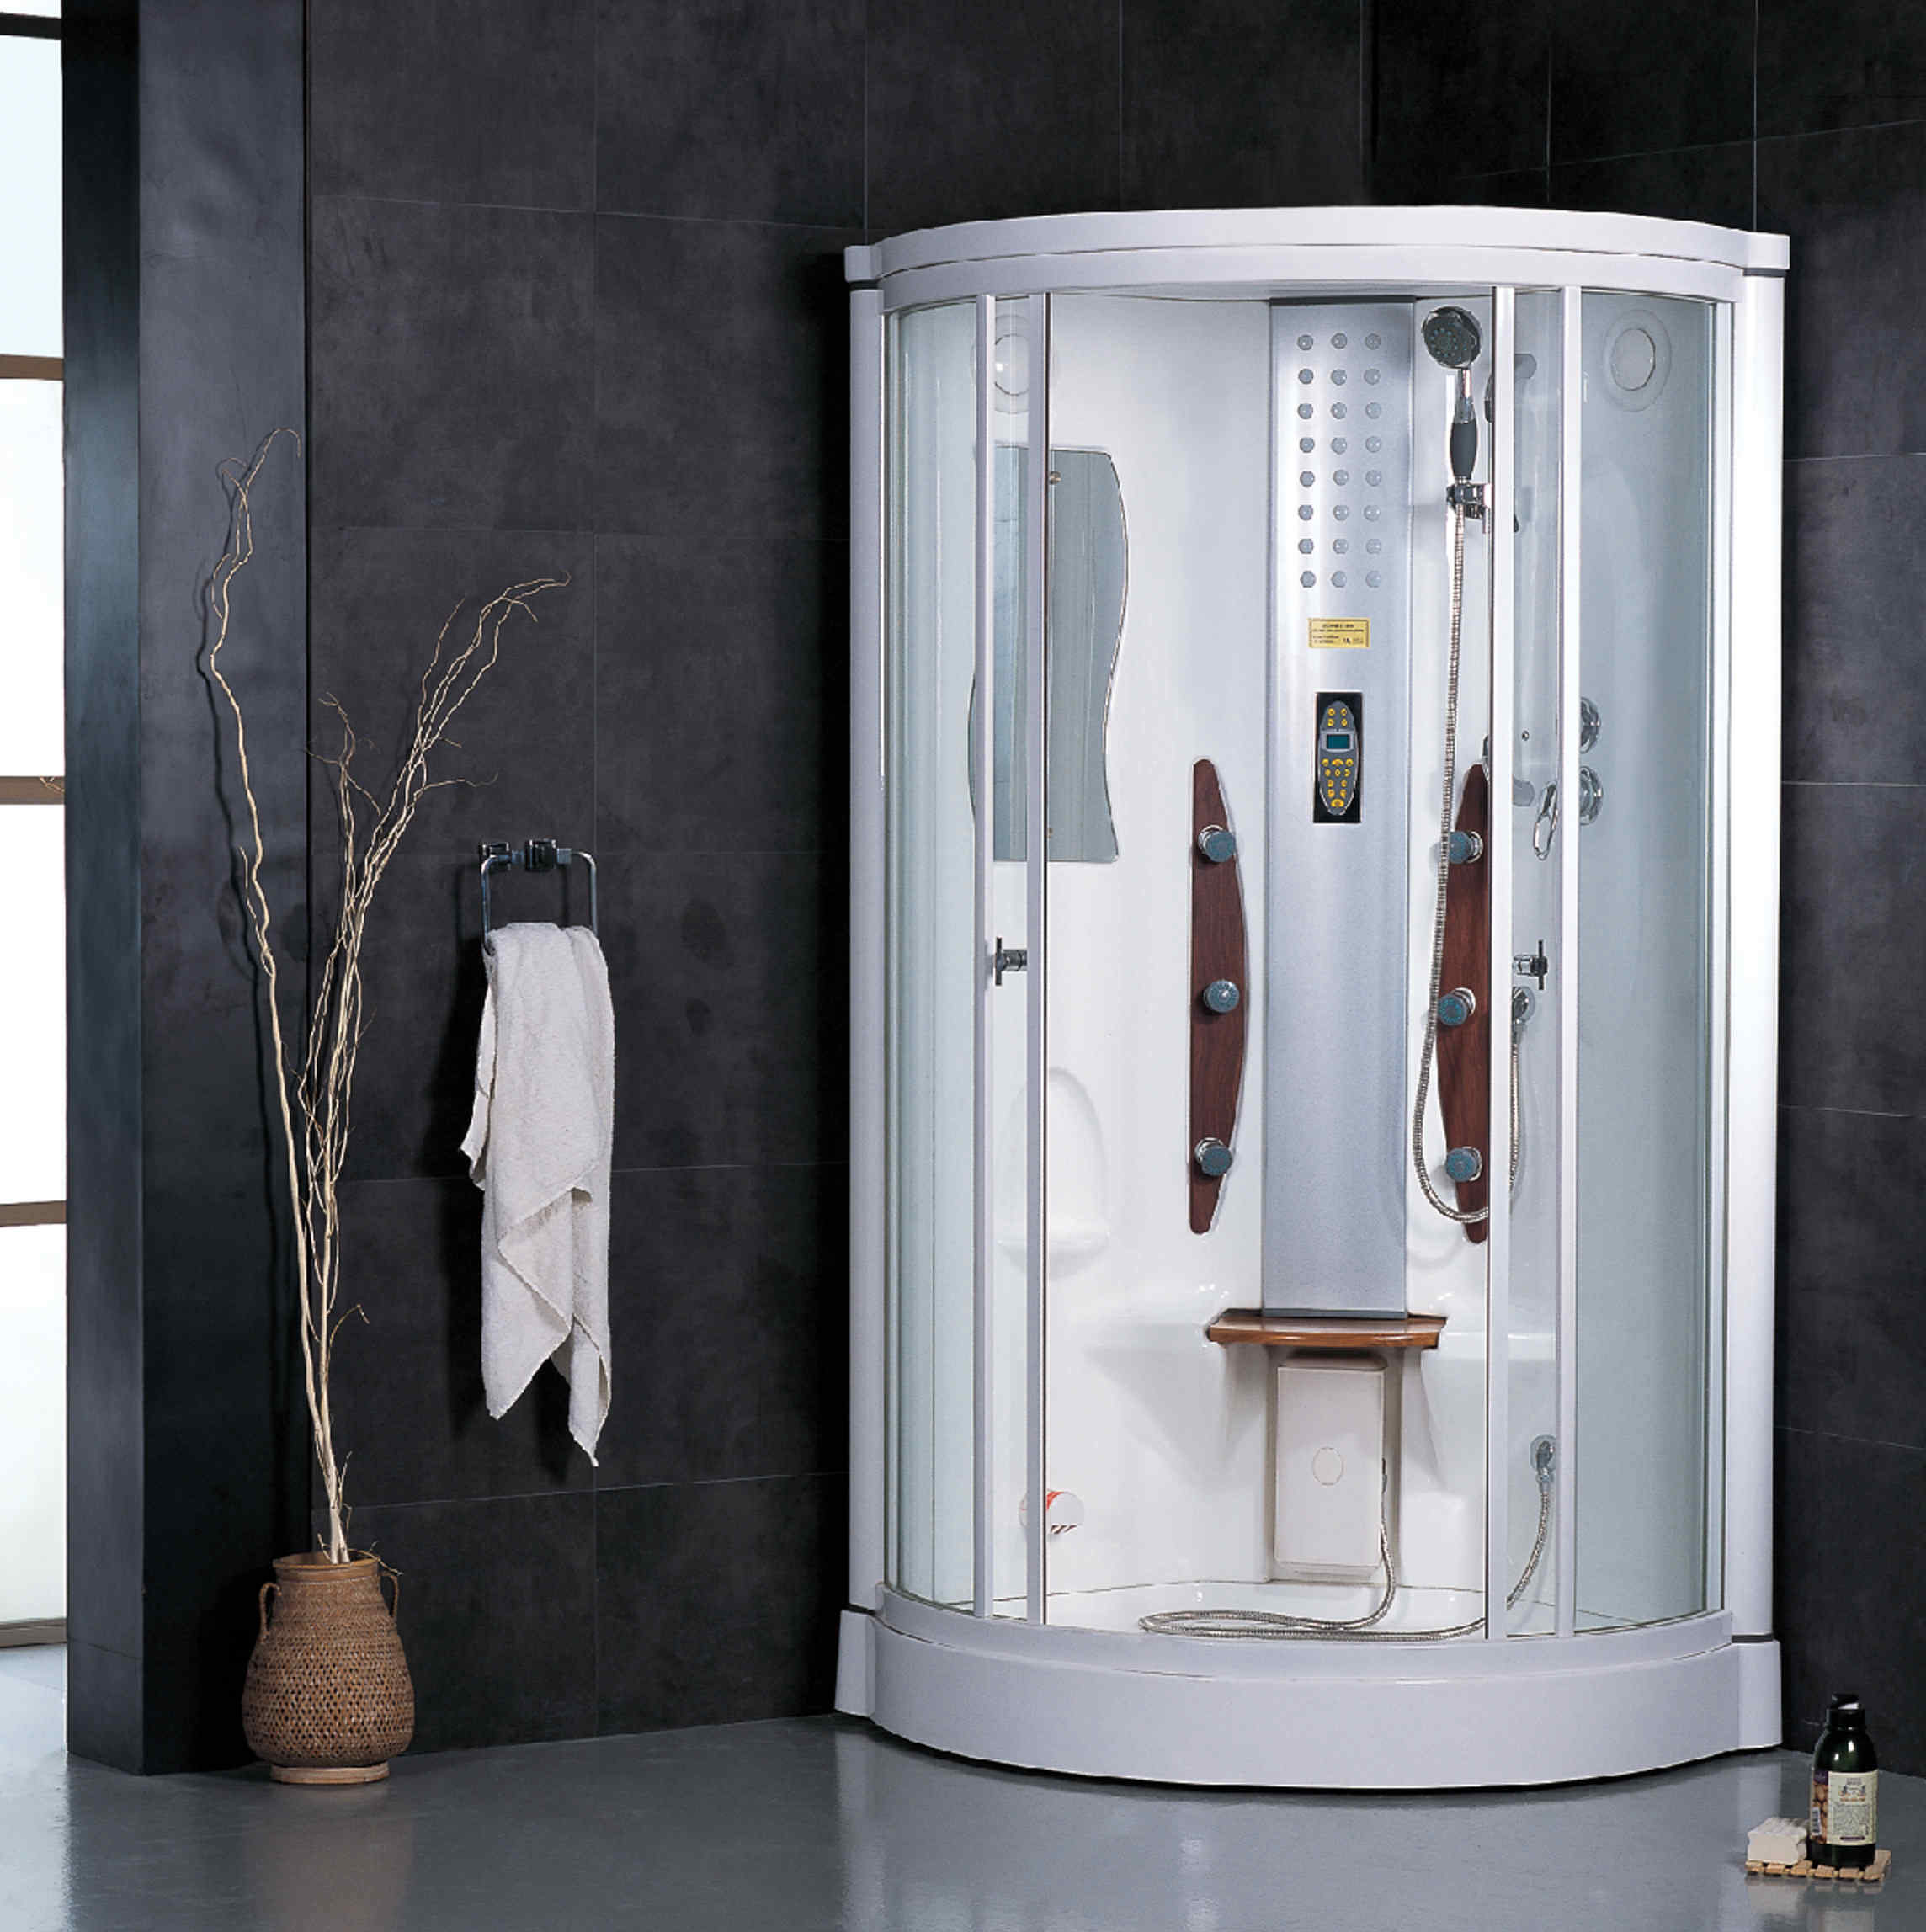 38 best bathroom images on pinterest   bathroom ideas, steam ...